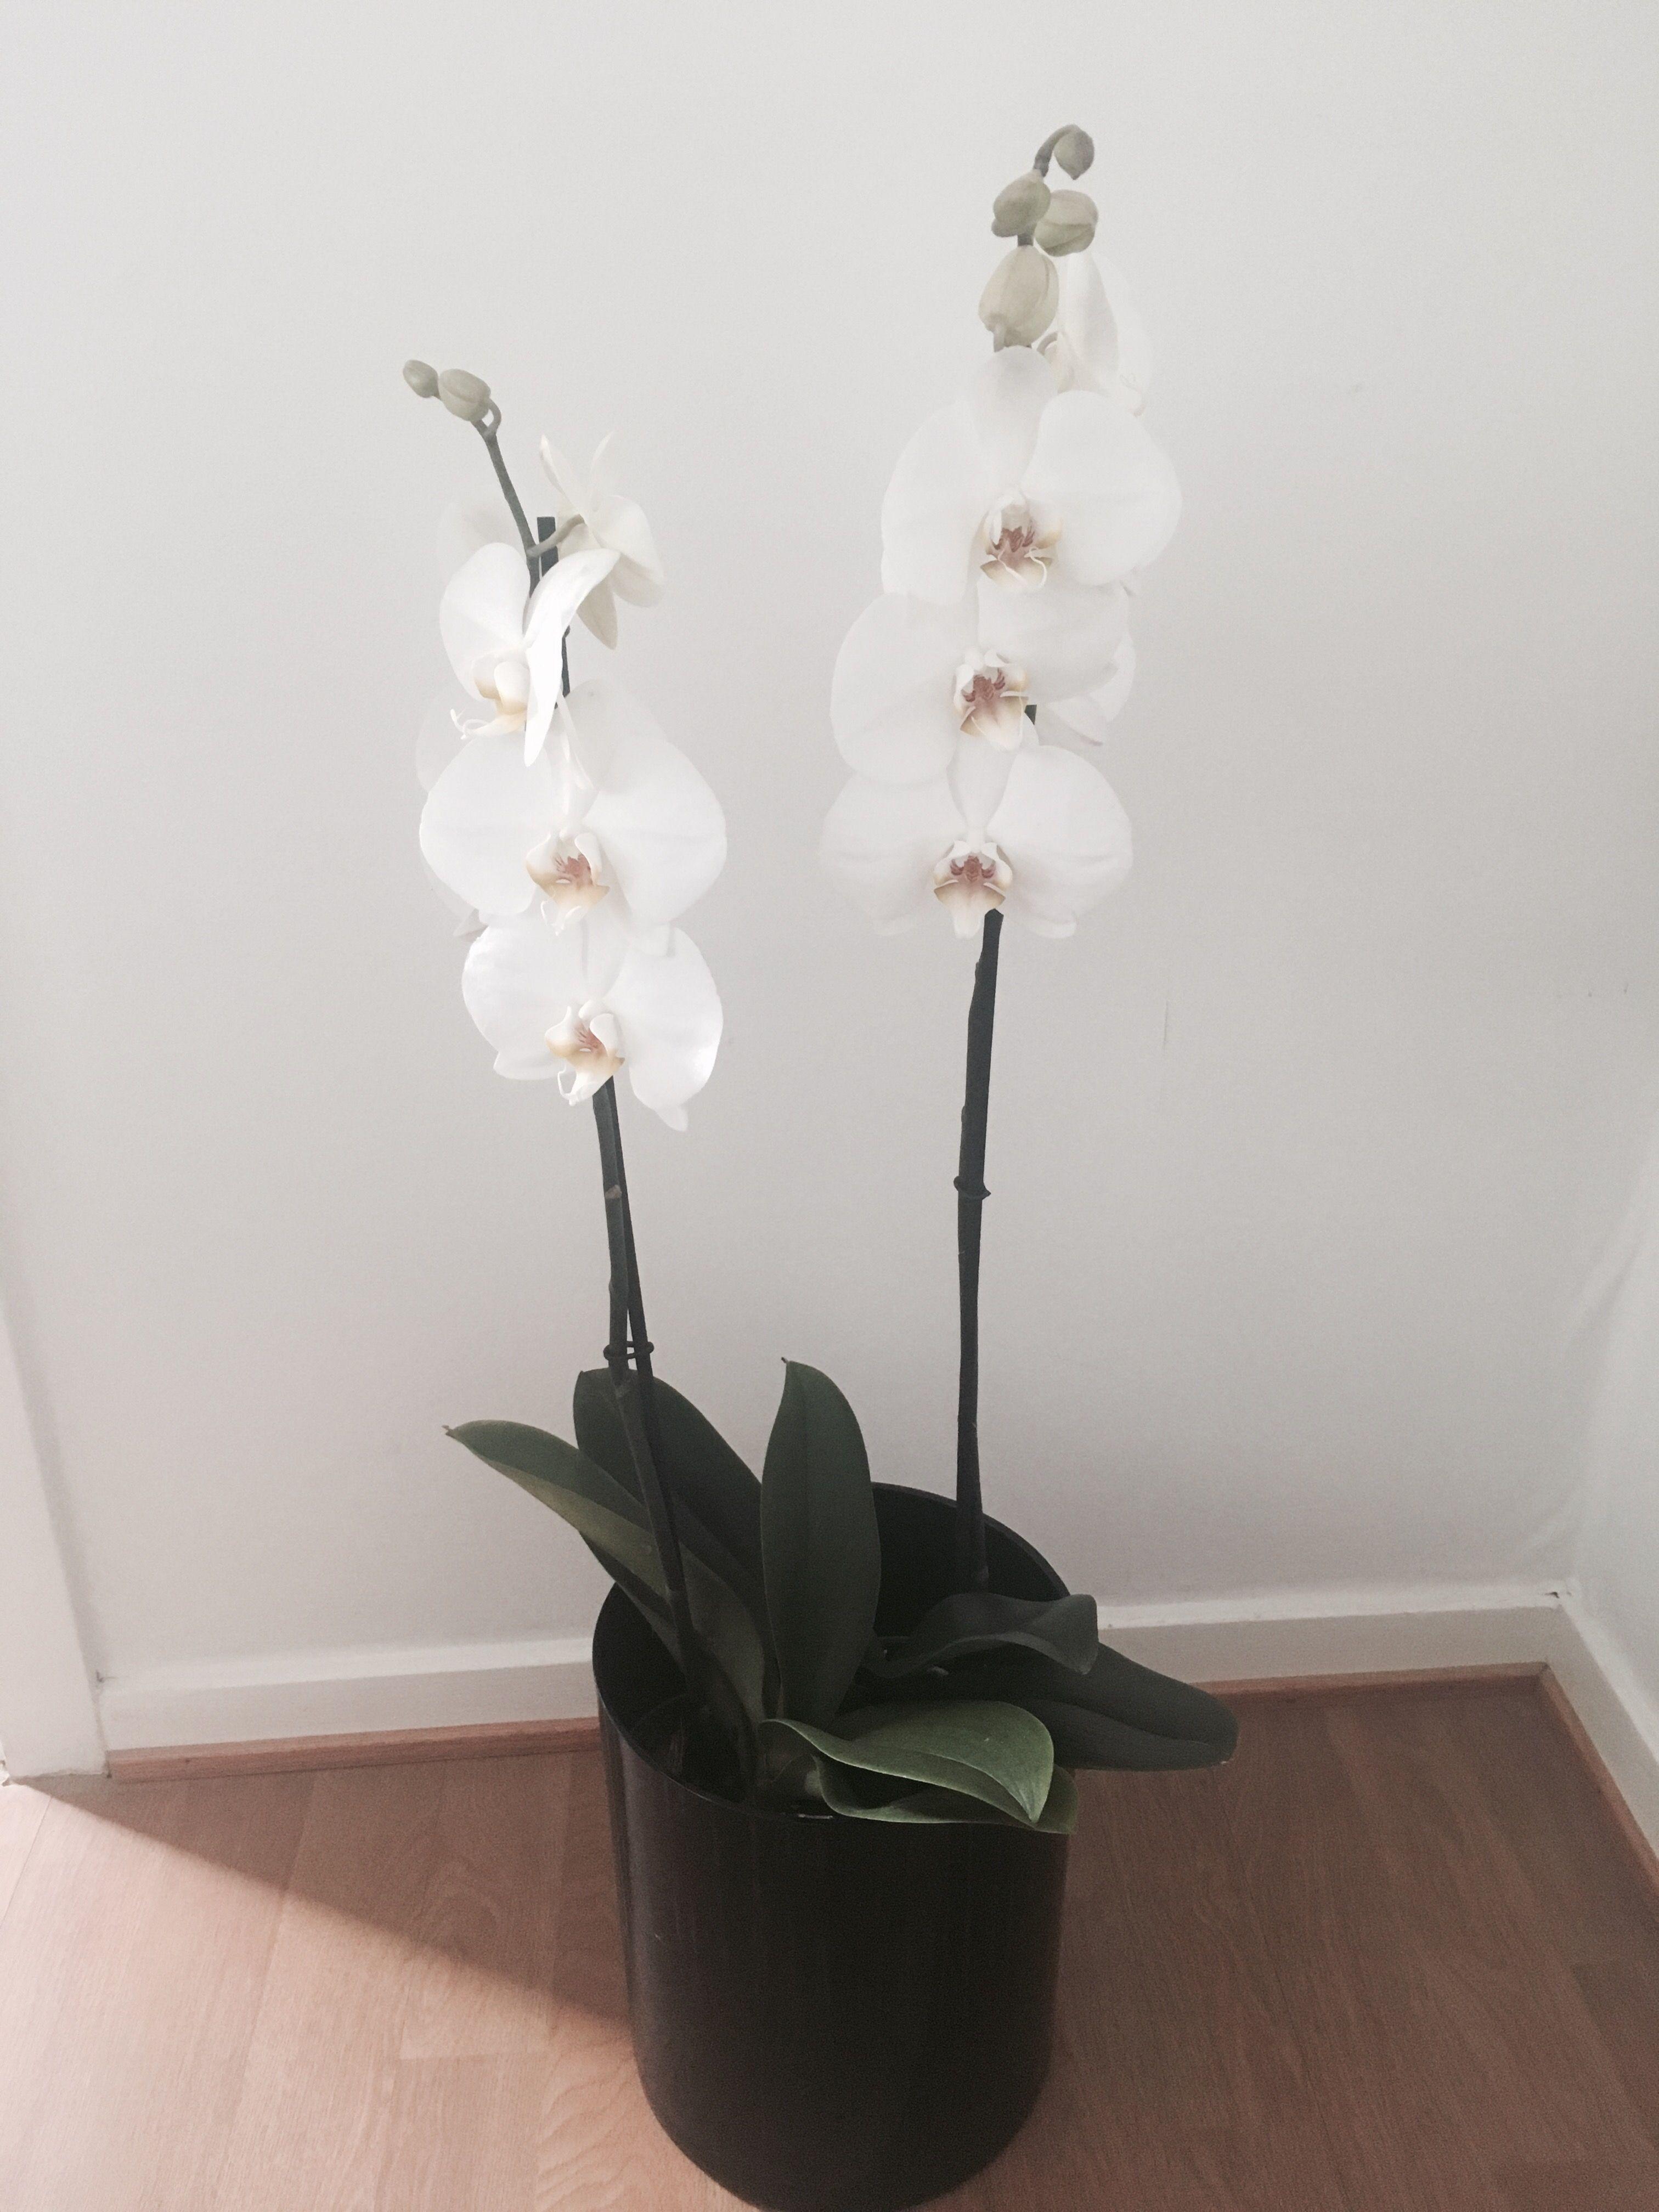 Så här sköter du om dina orkidéer på bästa sätt -